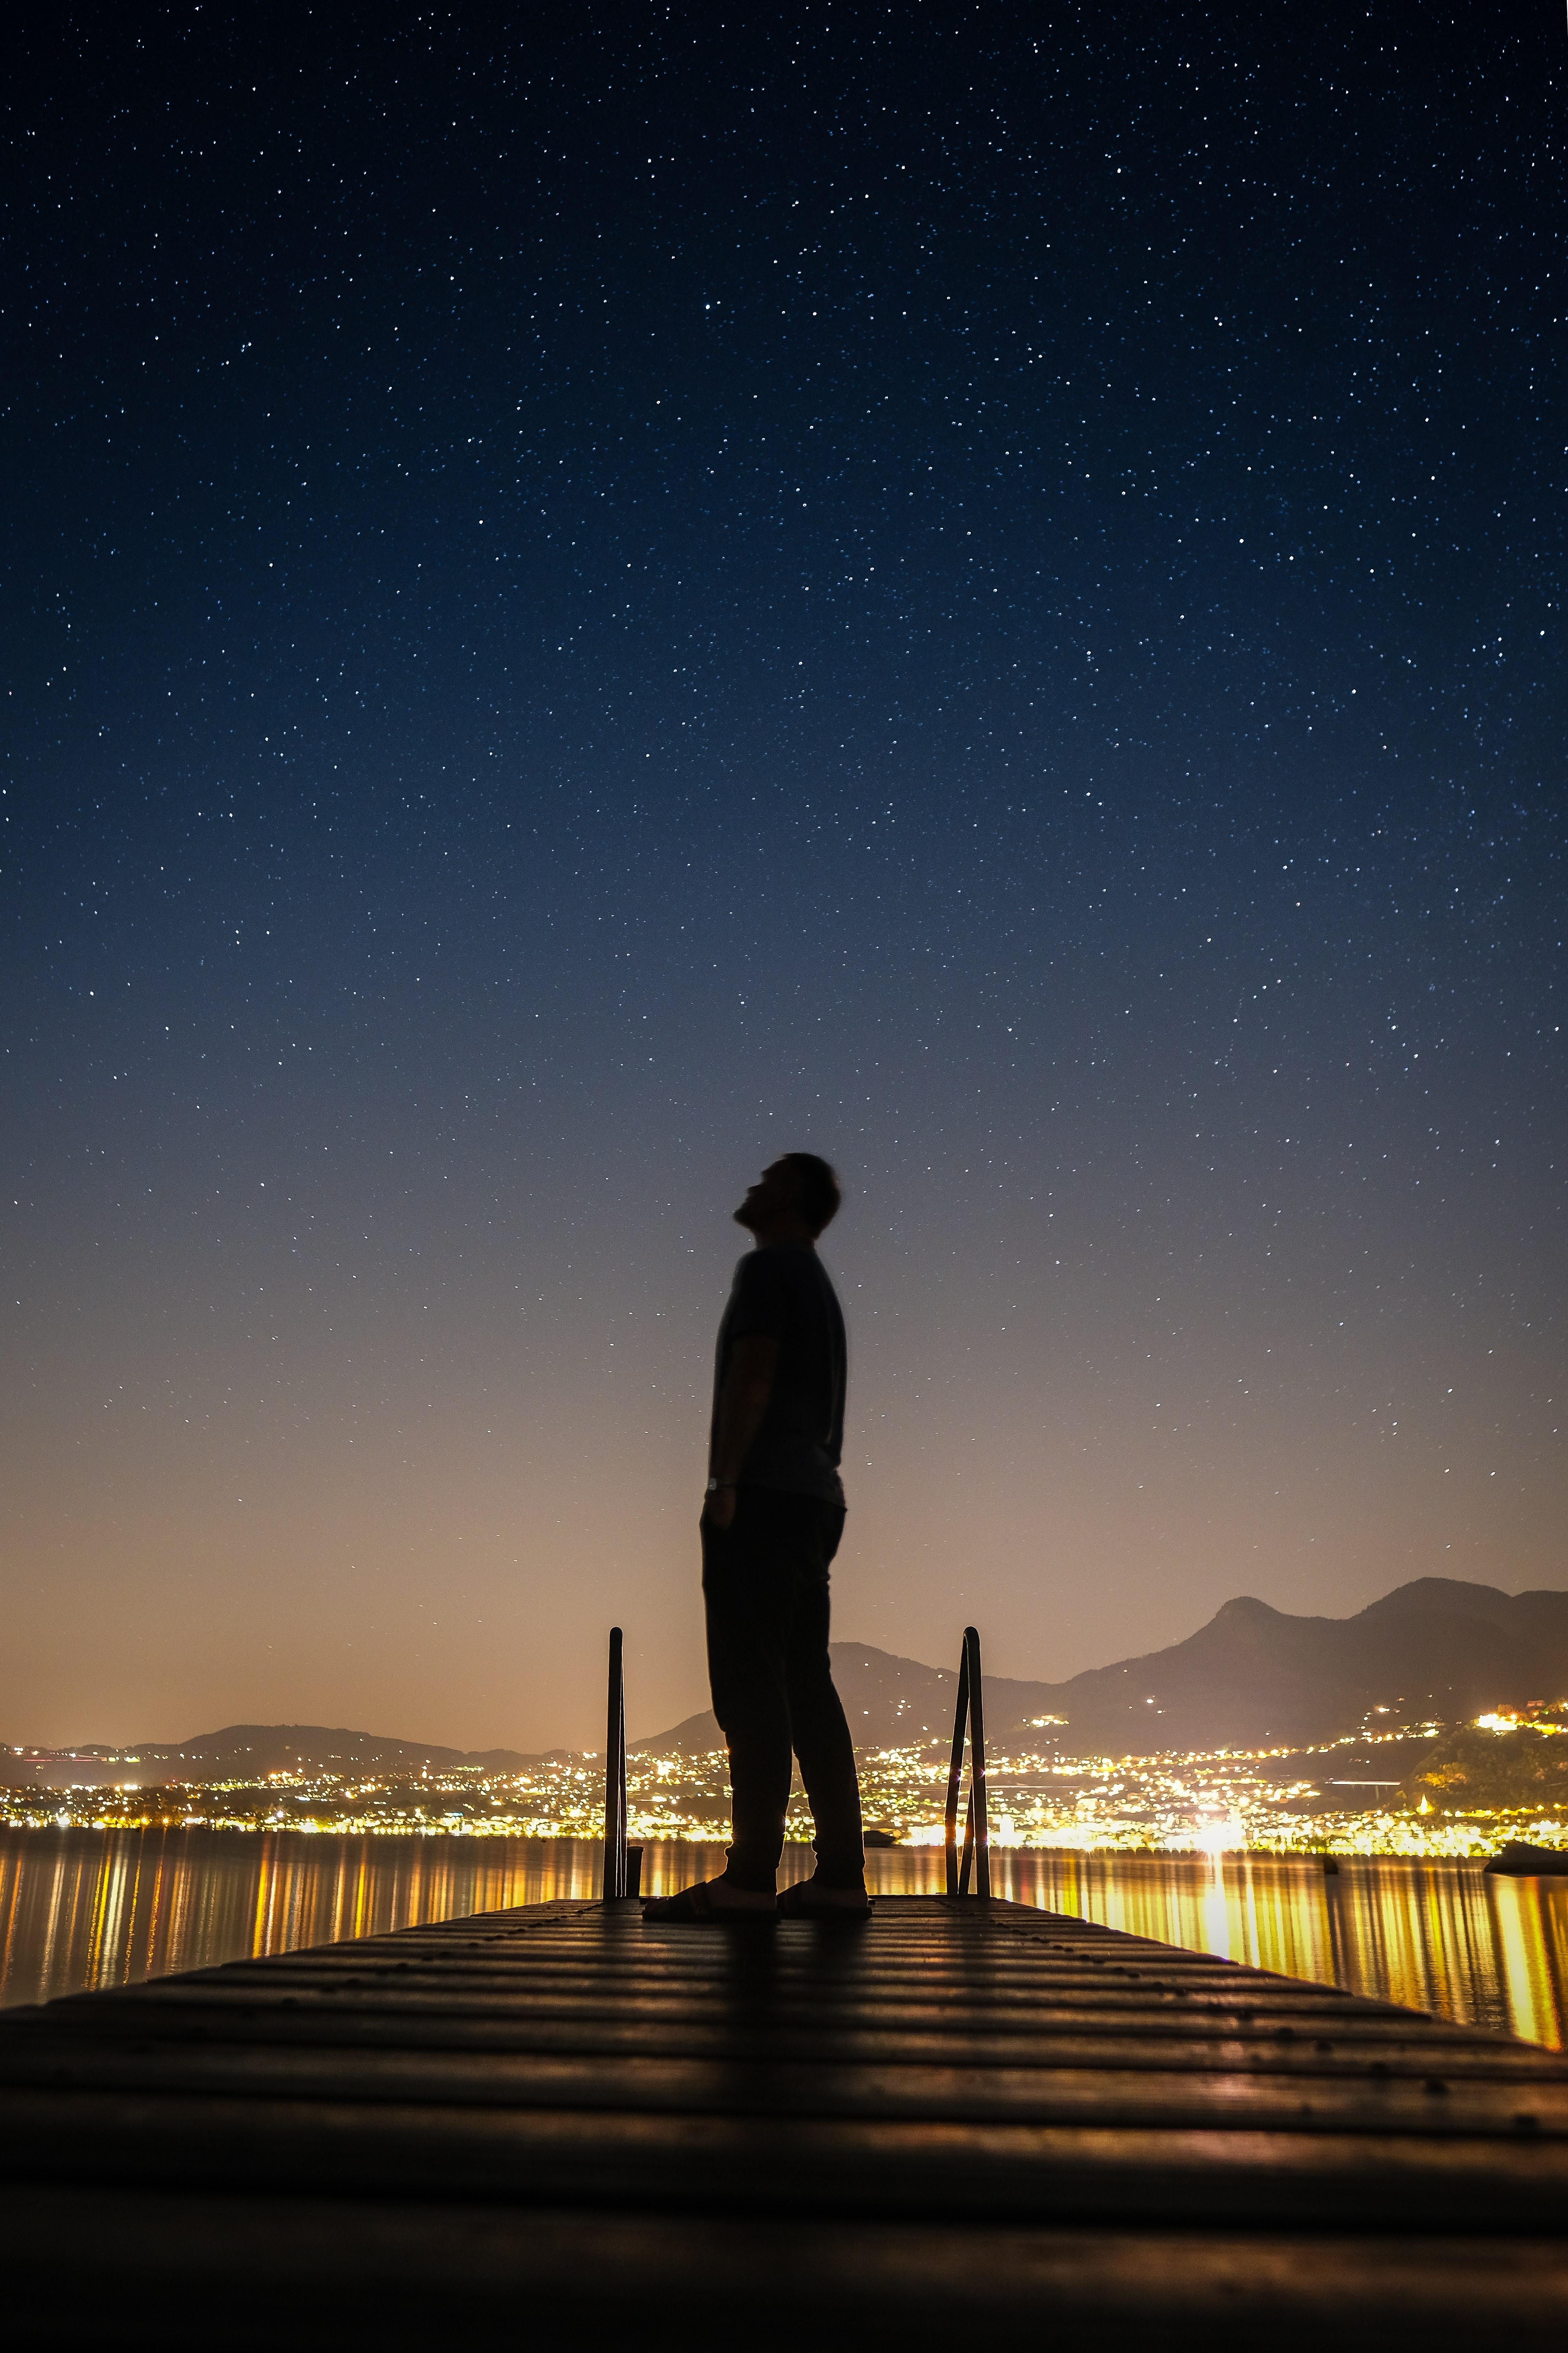 155959 скачать обои Разное, Силуэт, Человек, Ночной Город, Звездное Небо, Звезды - заставки и картинки бесплатно